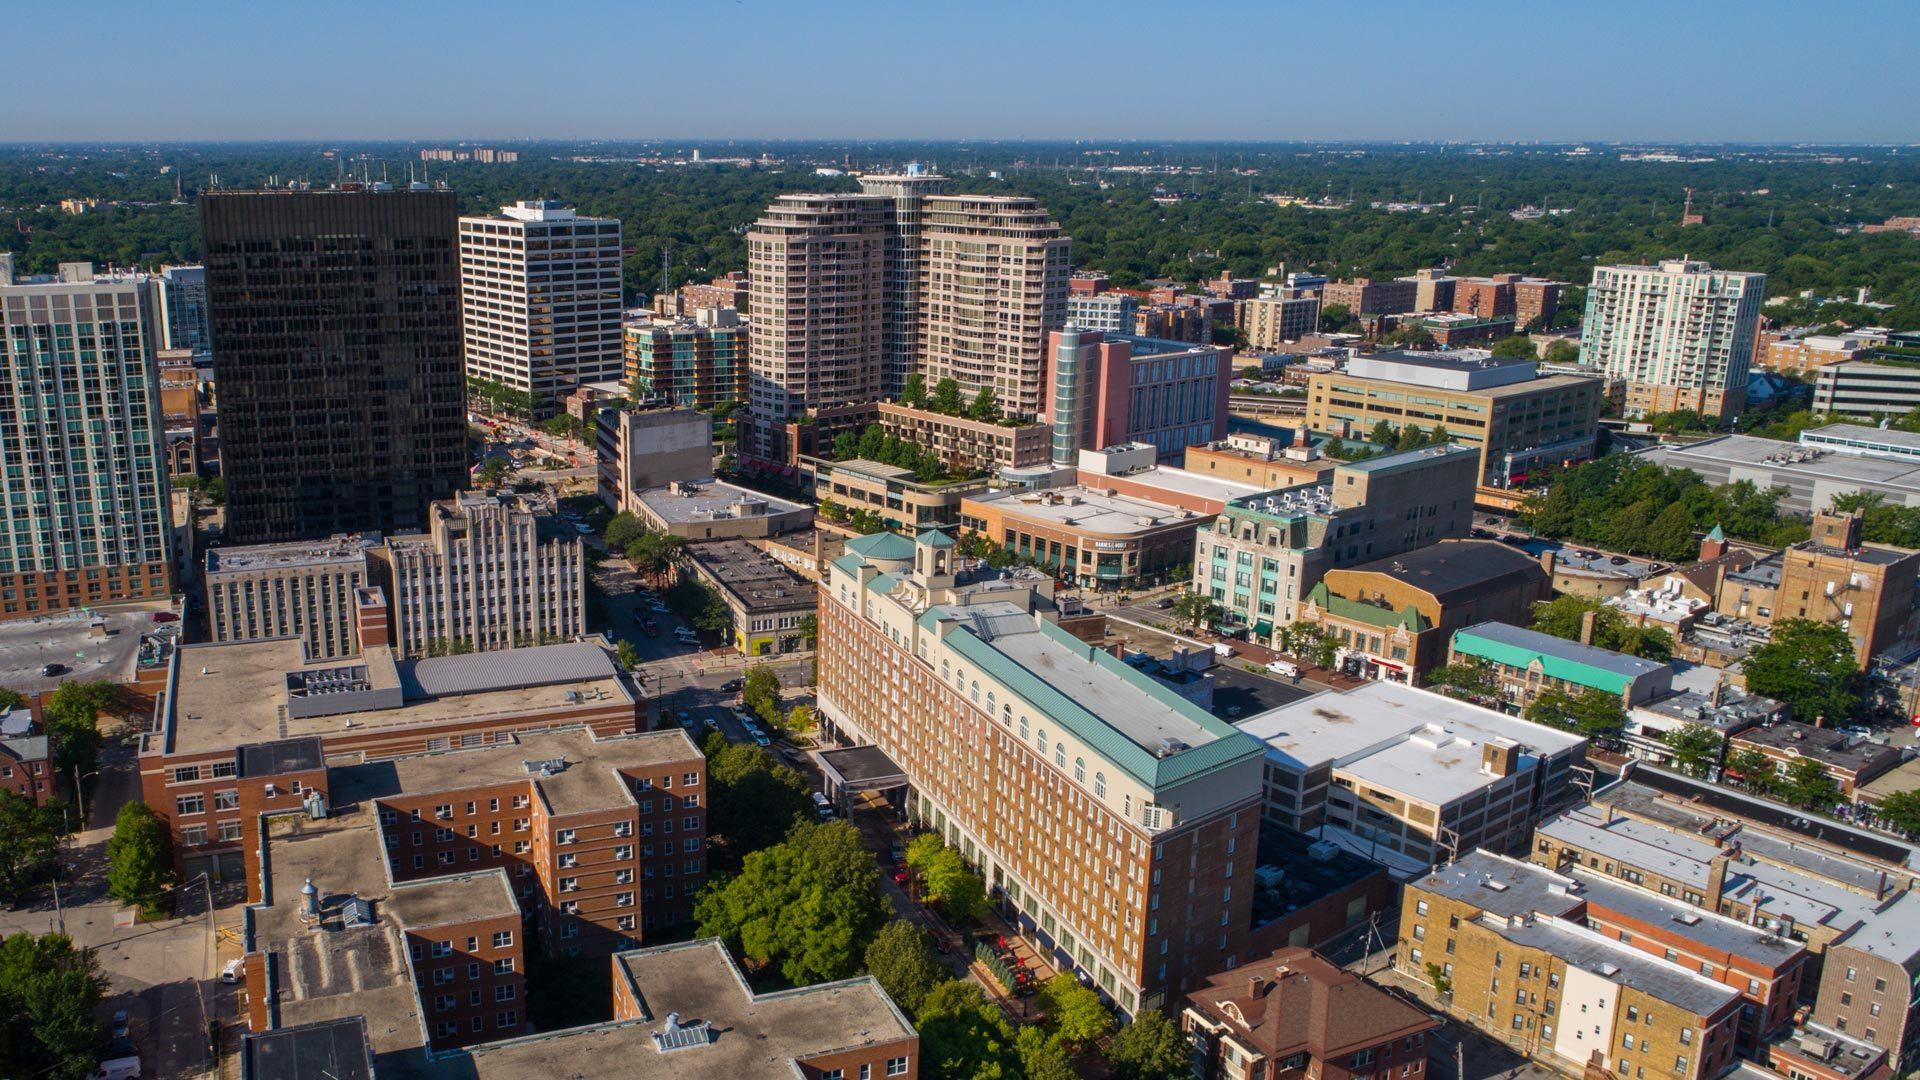 Downtown Evanston